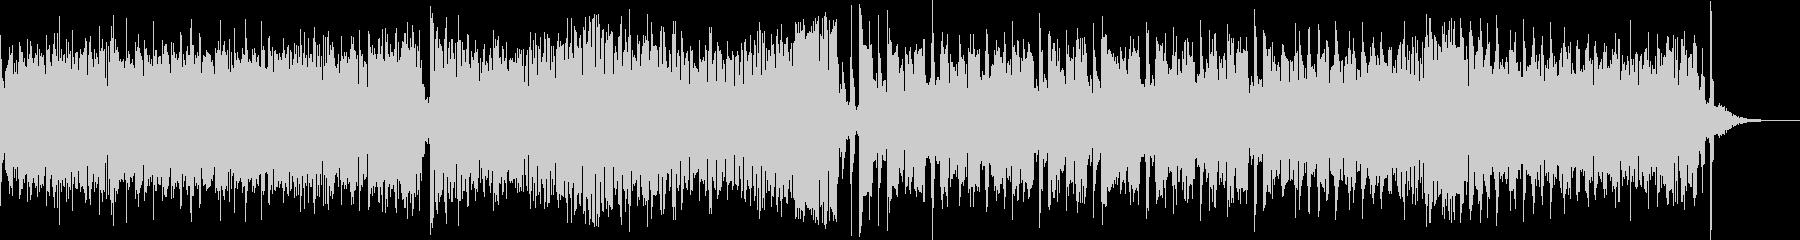 ホラーテイストのワルツの未再生の波形